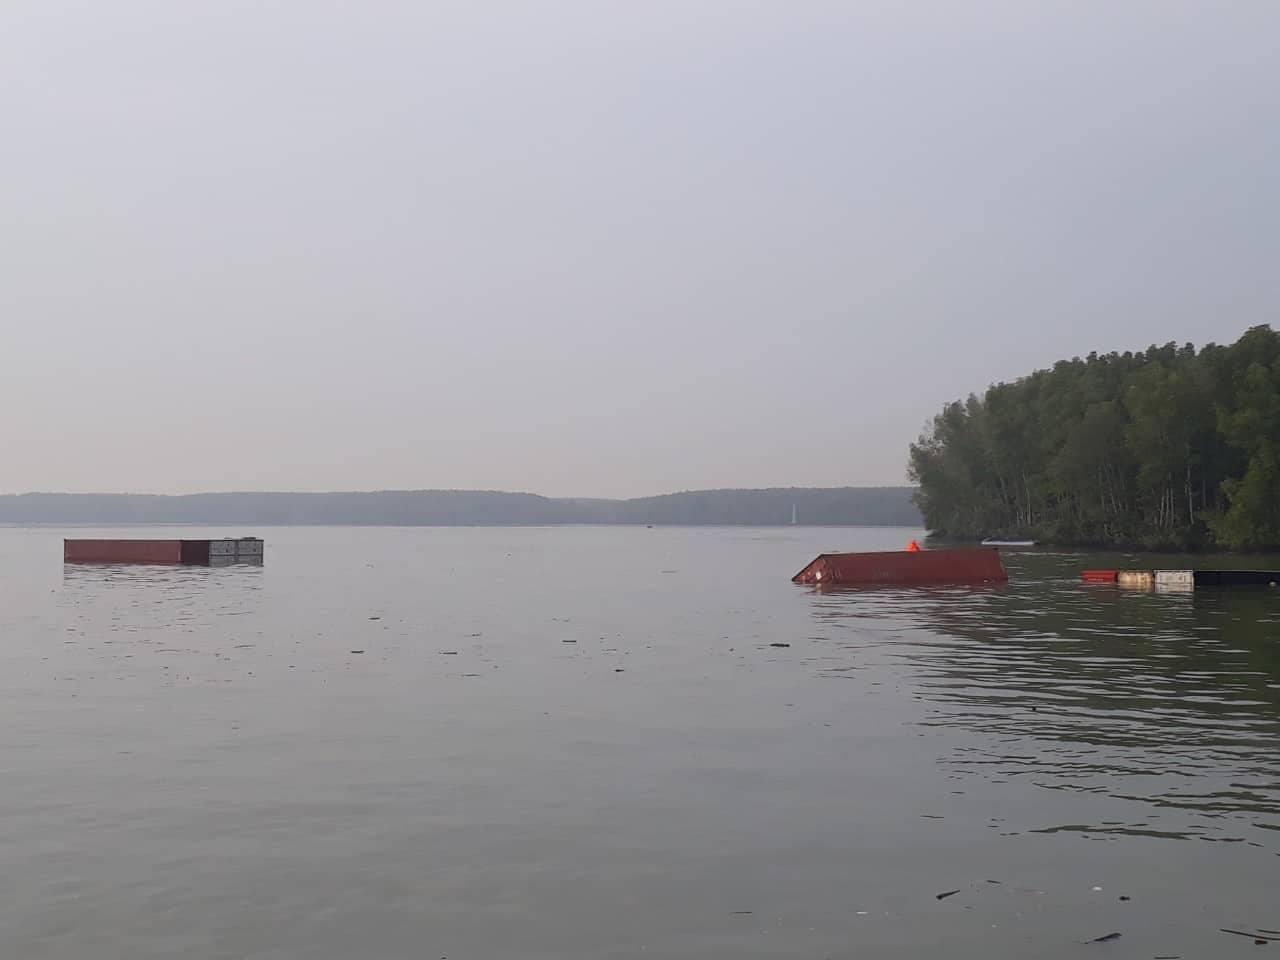 Tàu chìm ở Cần Giờ, nhiều người rơi xuống sông - 3